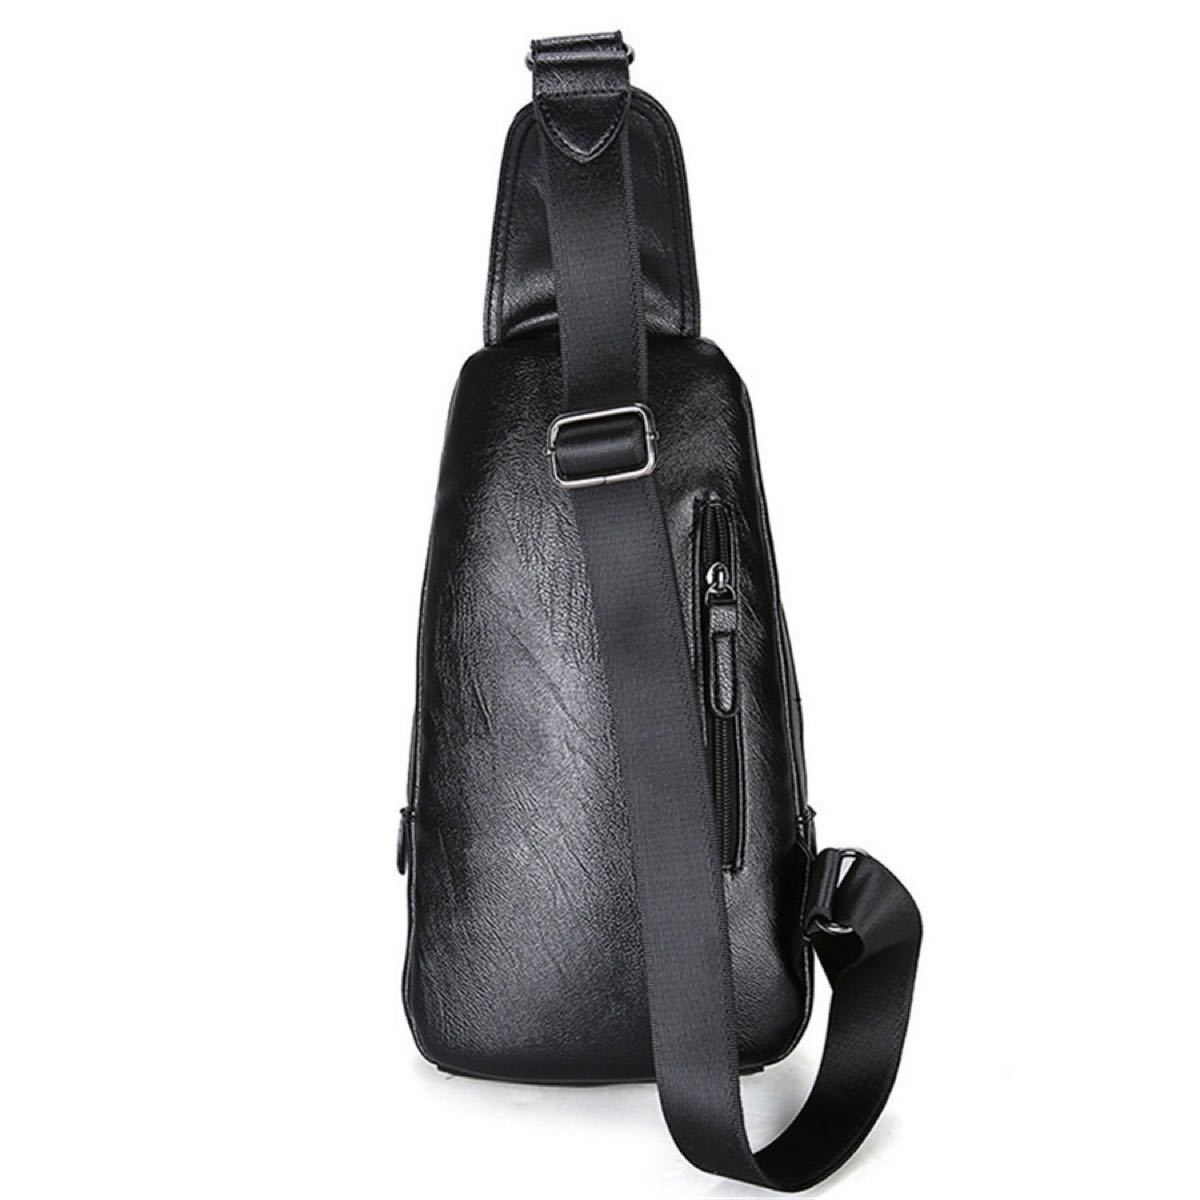 ボディバッグ レザー 斜め掛けバッグ ワンショルダーバッグ 高品質